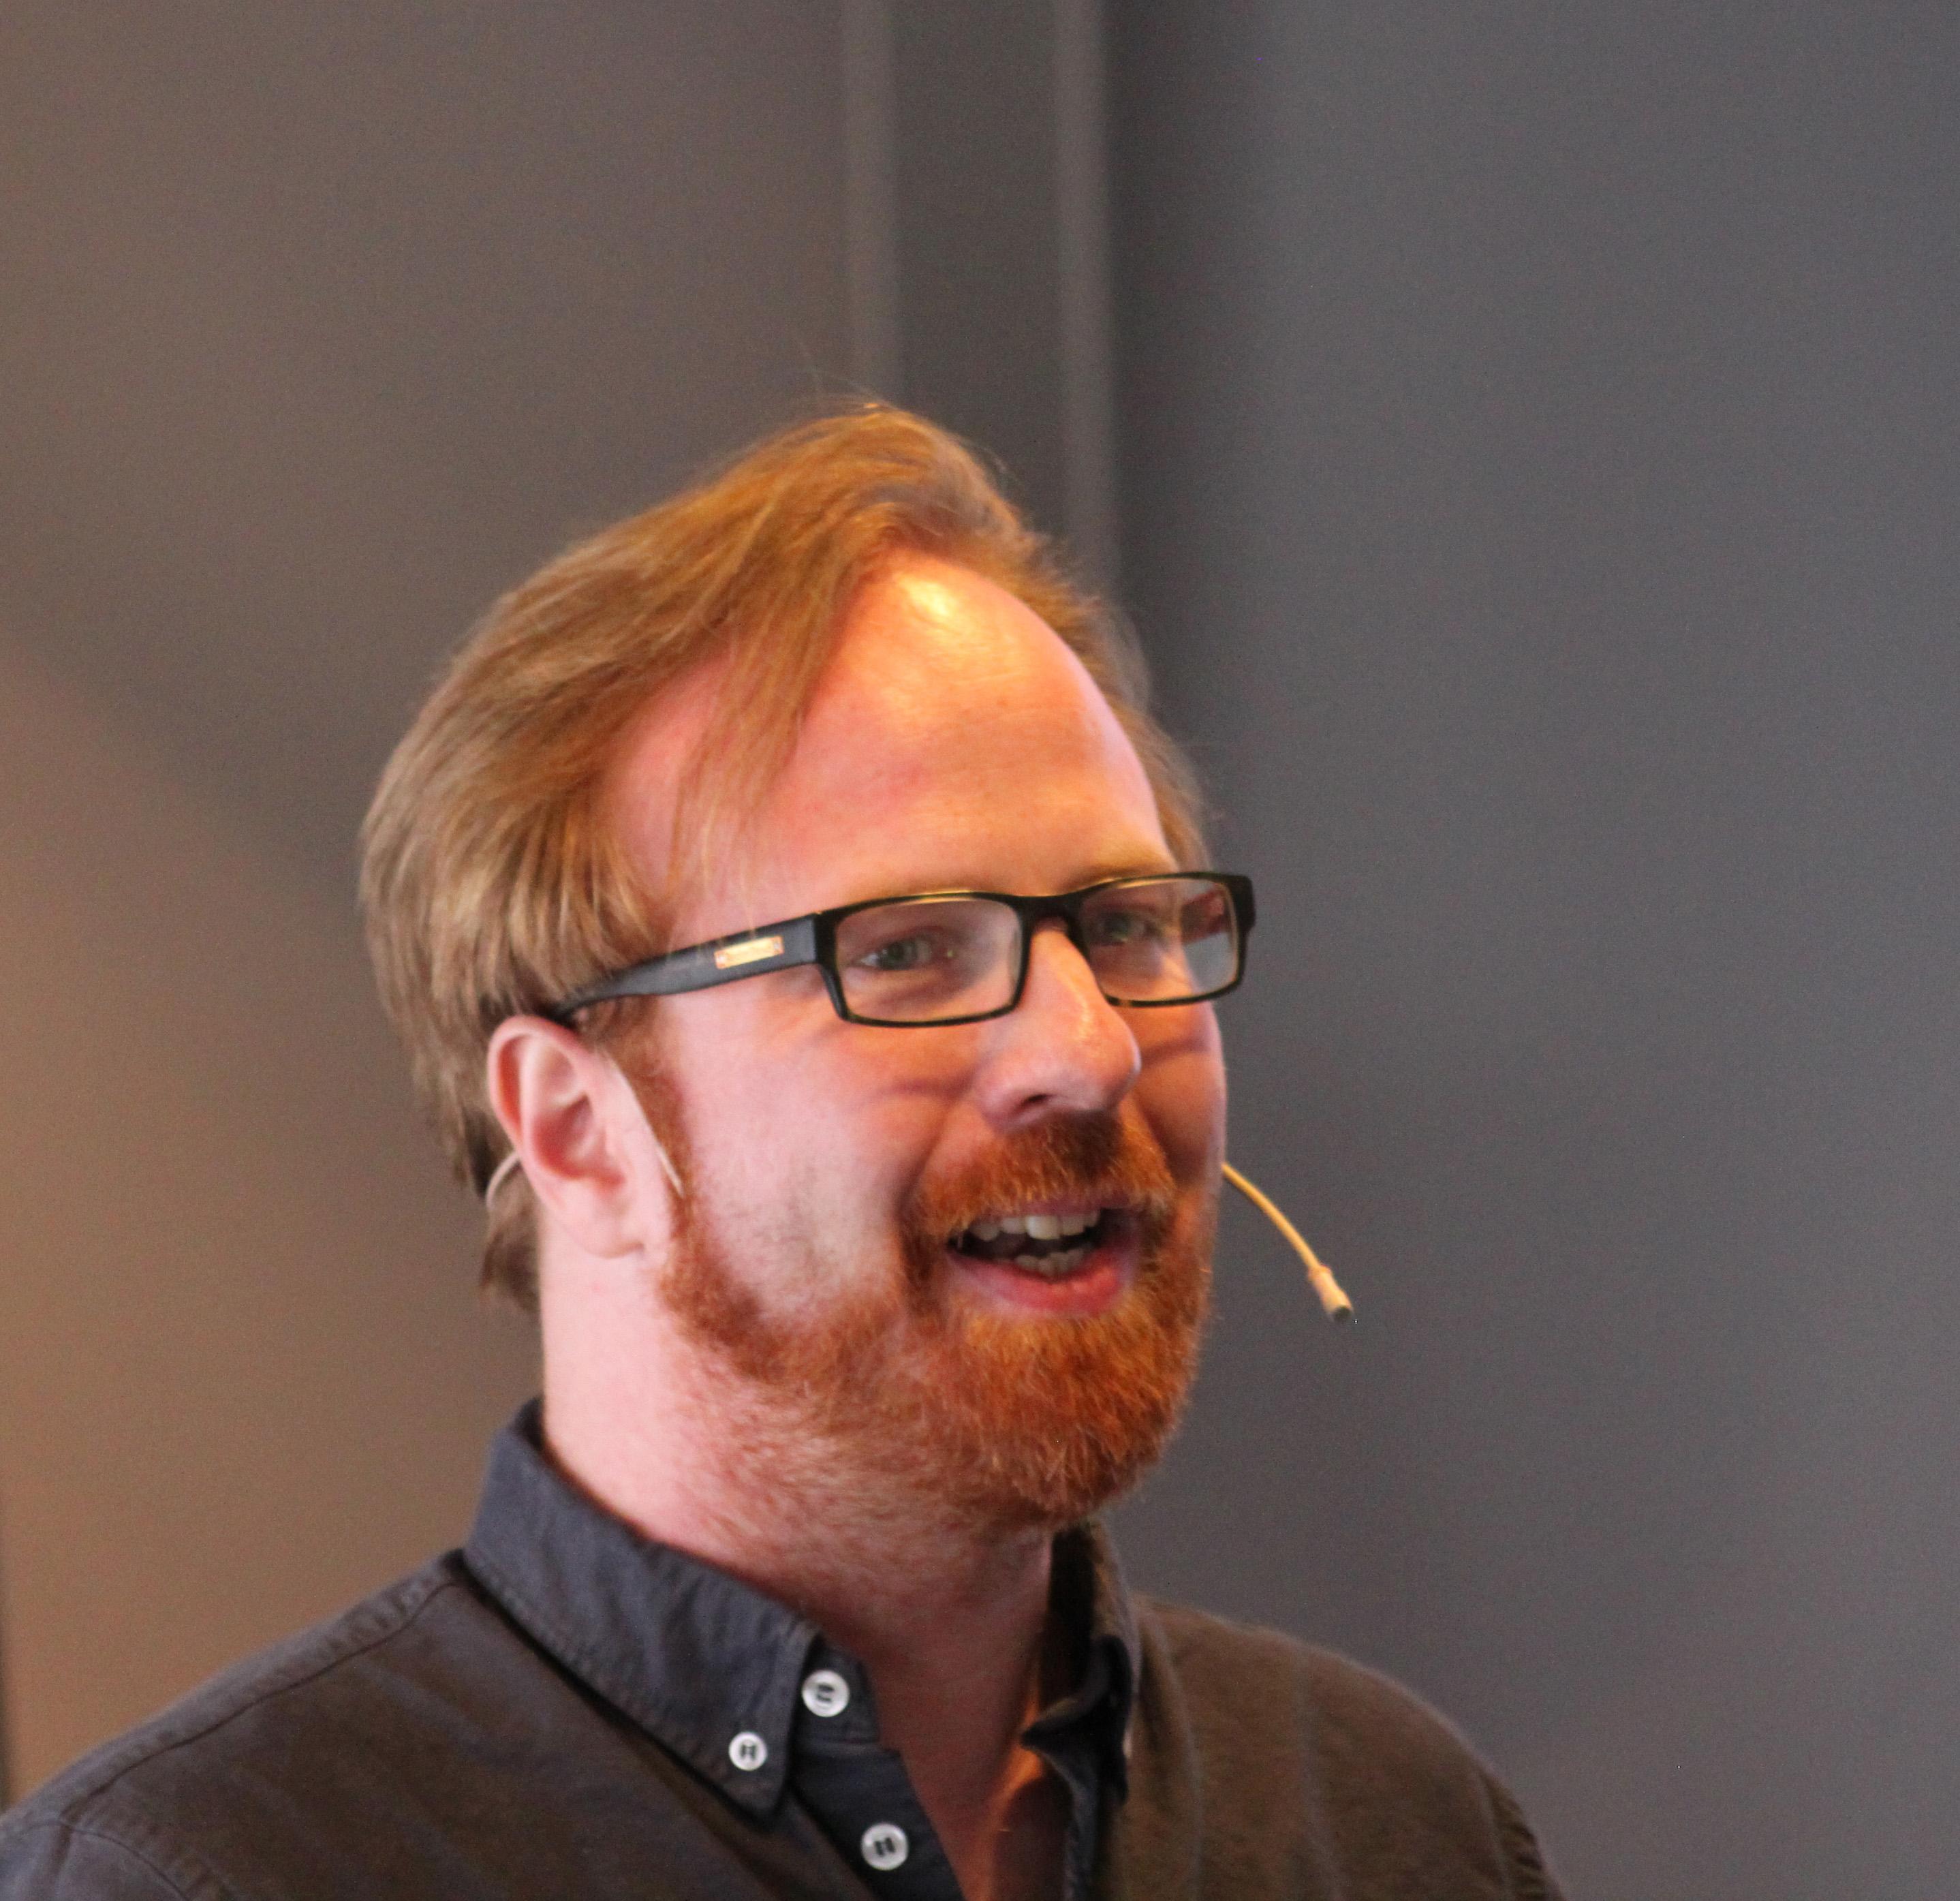 Ole Kristian Losvik